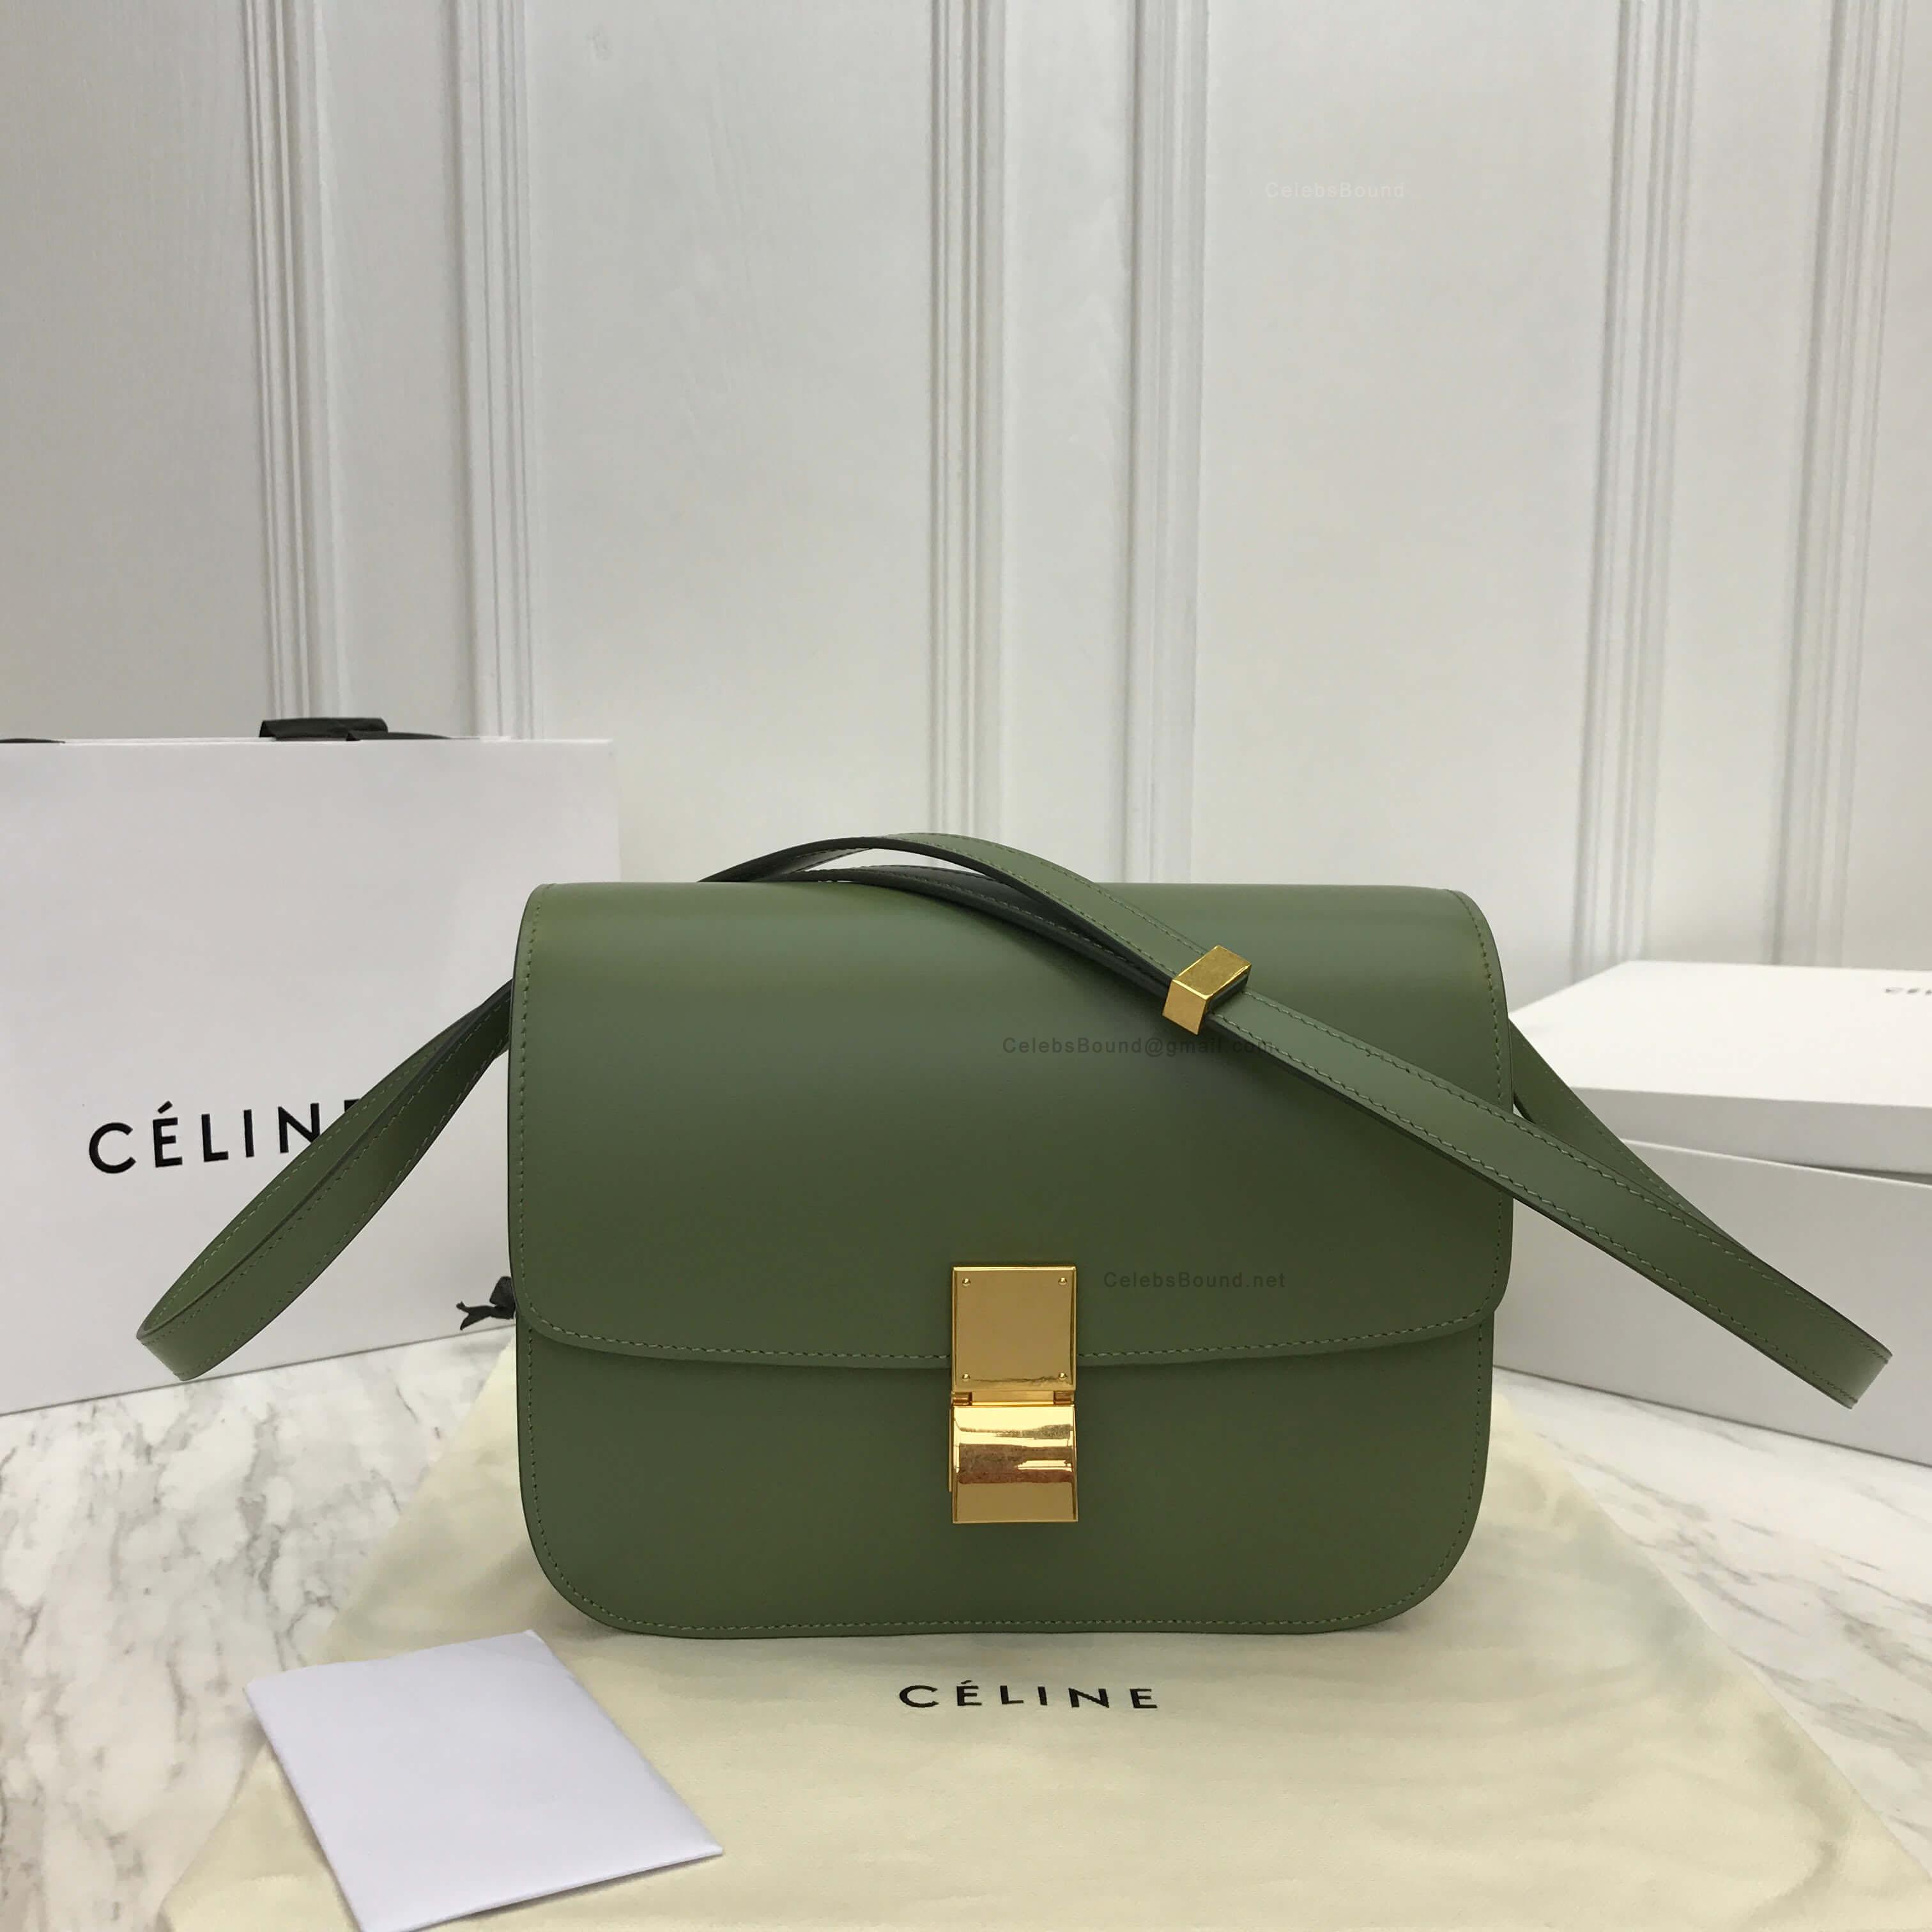 034e8df091e5 Celine Classic Box Bag Medium in Olive Liege Calfskin